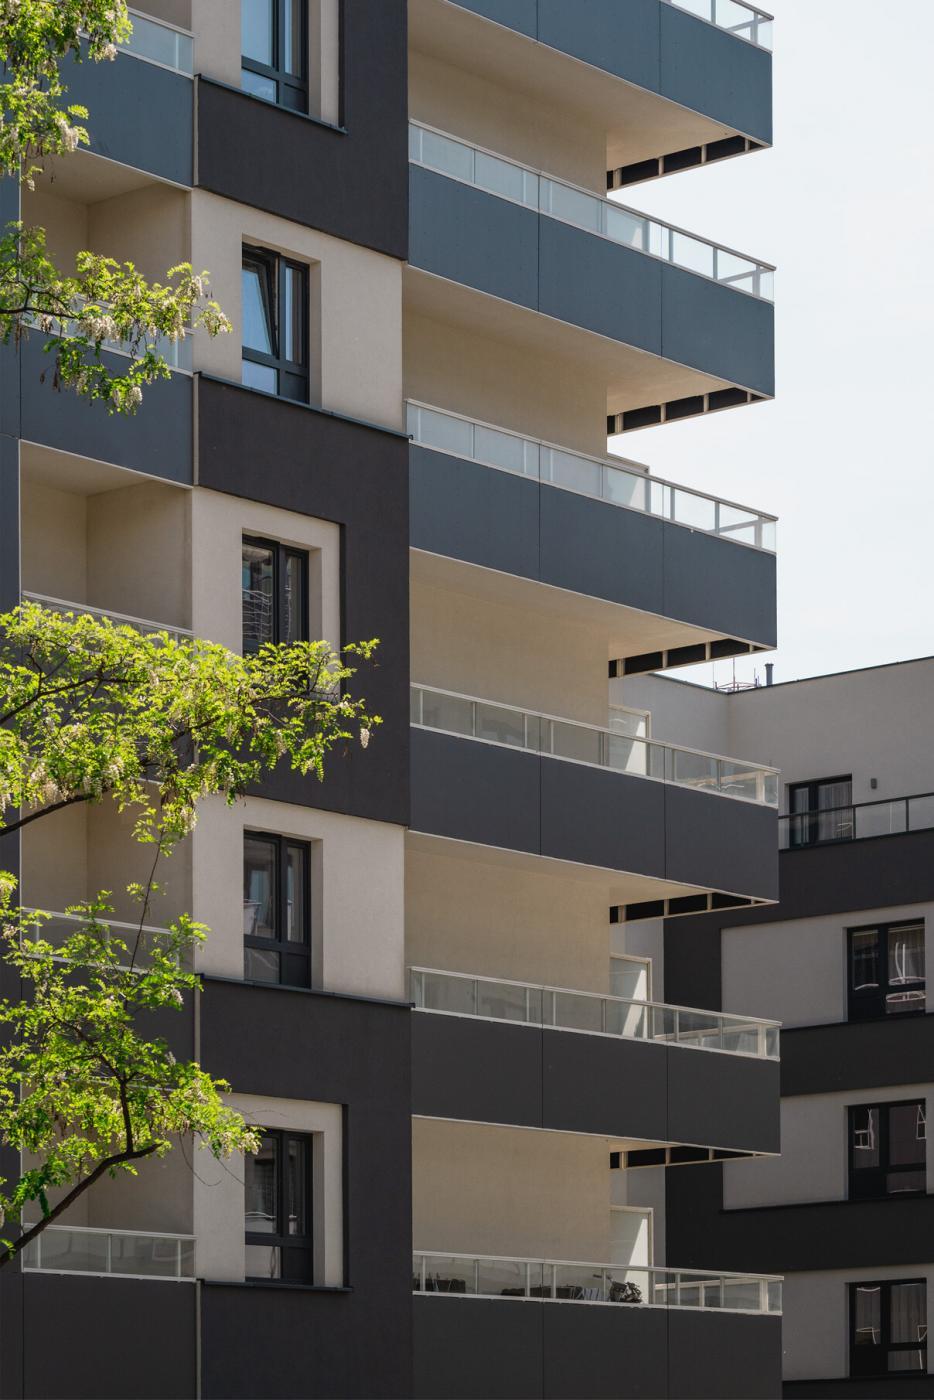 Nowe osiedle na kilkaset mieszkań na Tarnogaju gotowe